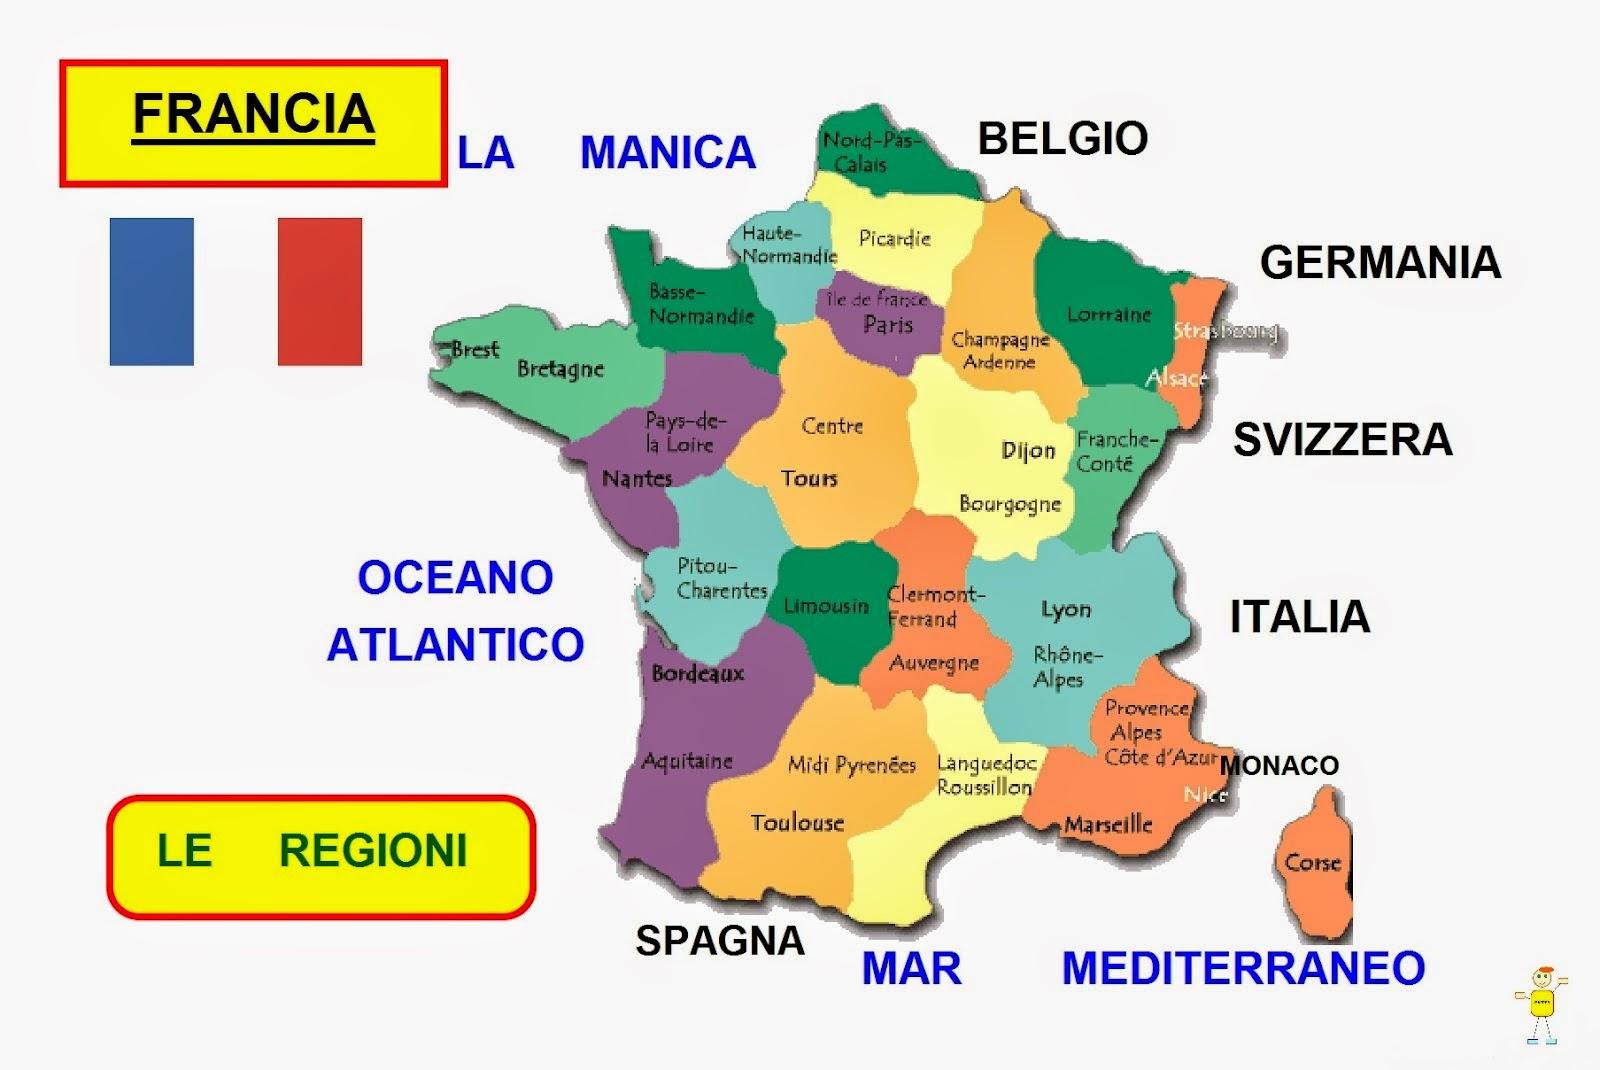 Cartina Spagna Con Regioni E Capoluoghi.Mappa Concettuale Francia Le Regioni Scuolissima Com